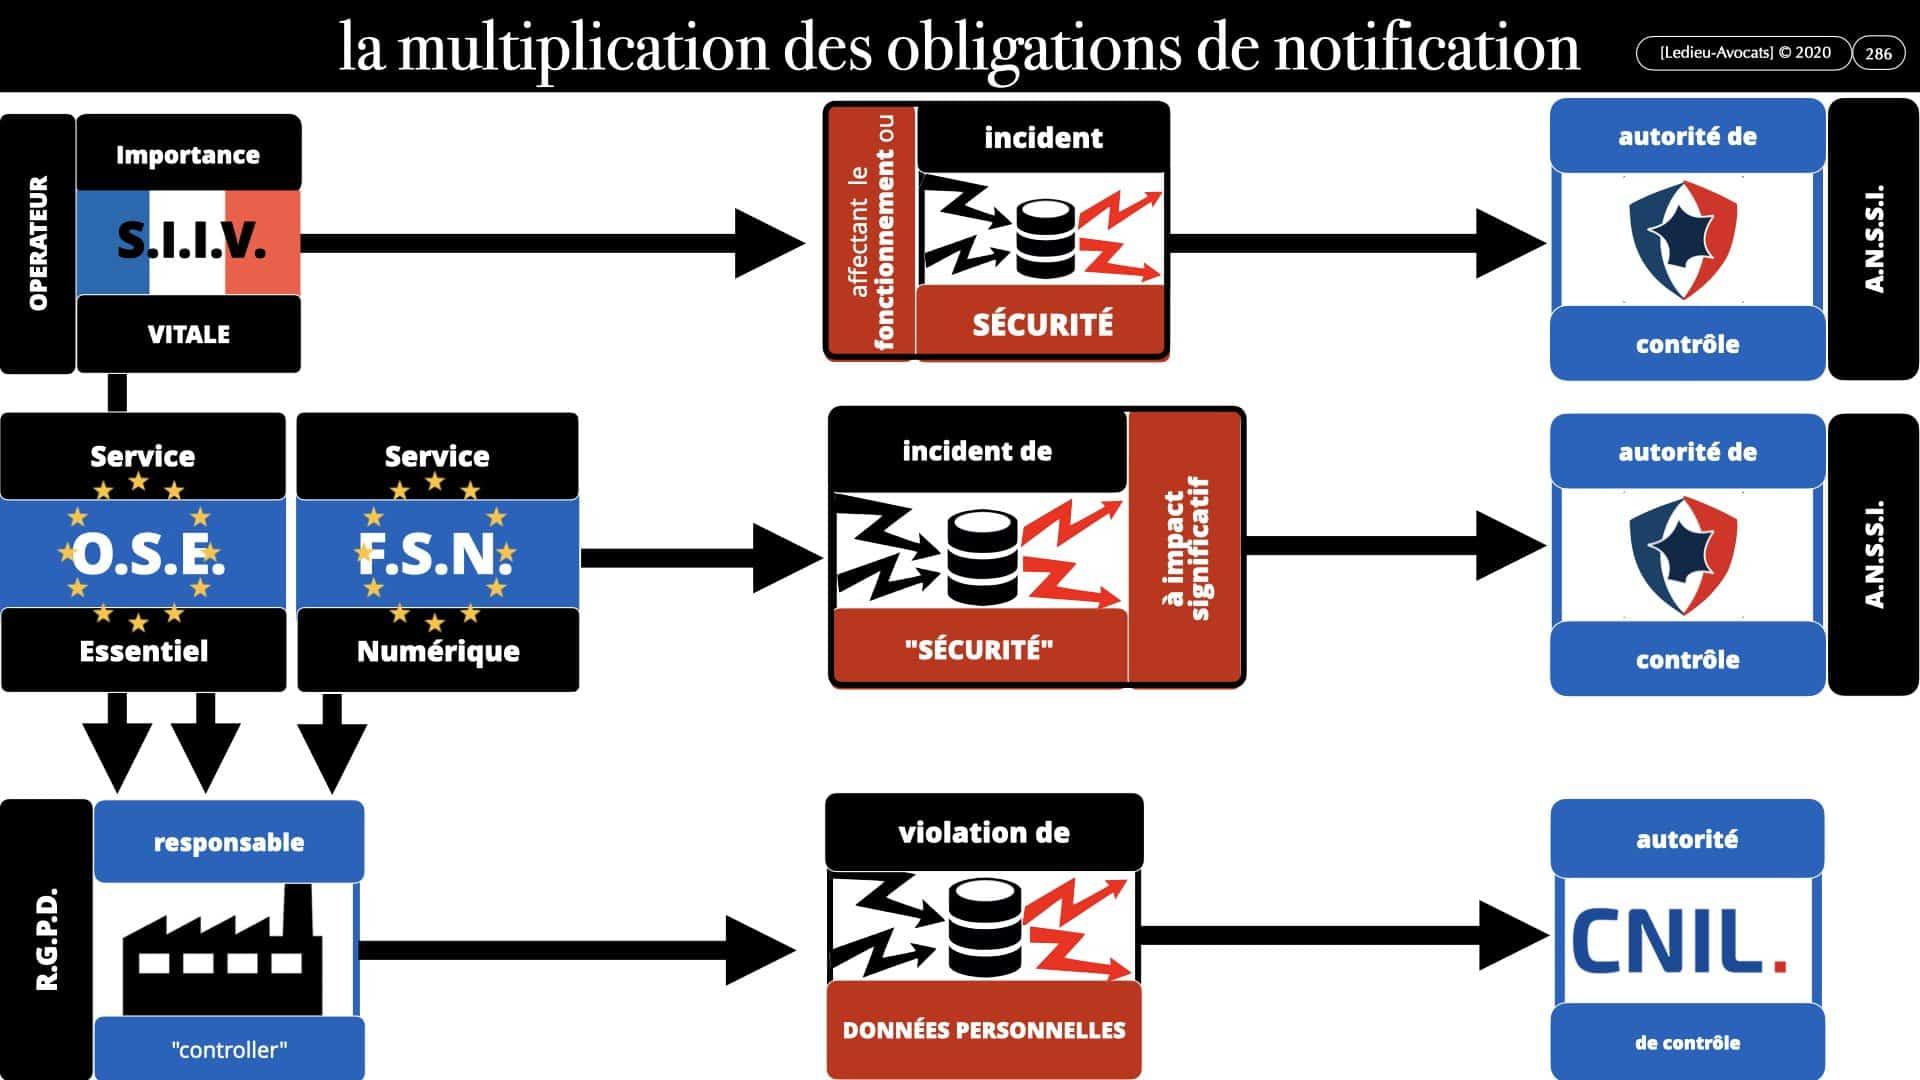 RGPD e-Privacy données personnelles jurisprudence formation Lamy Les Echos 10-02-2021 ©Ledieu-Avocats.286